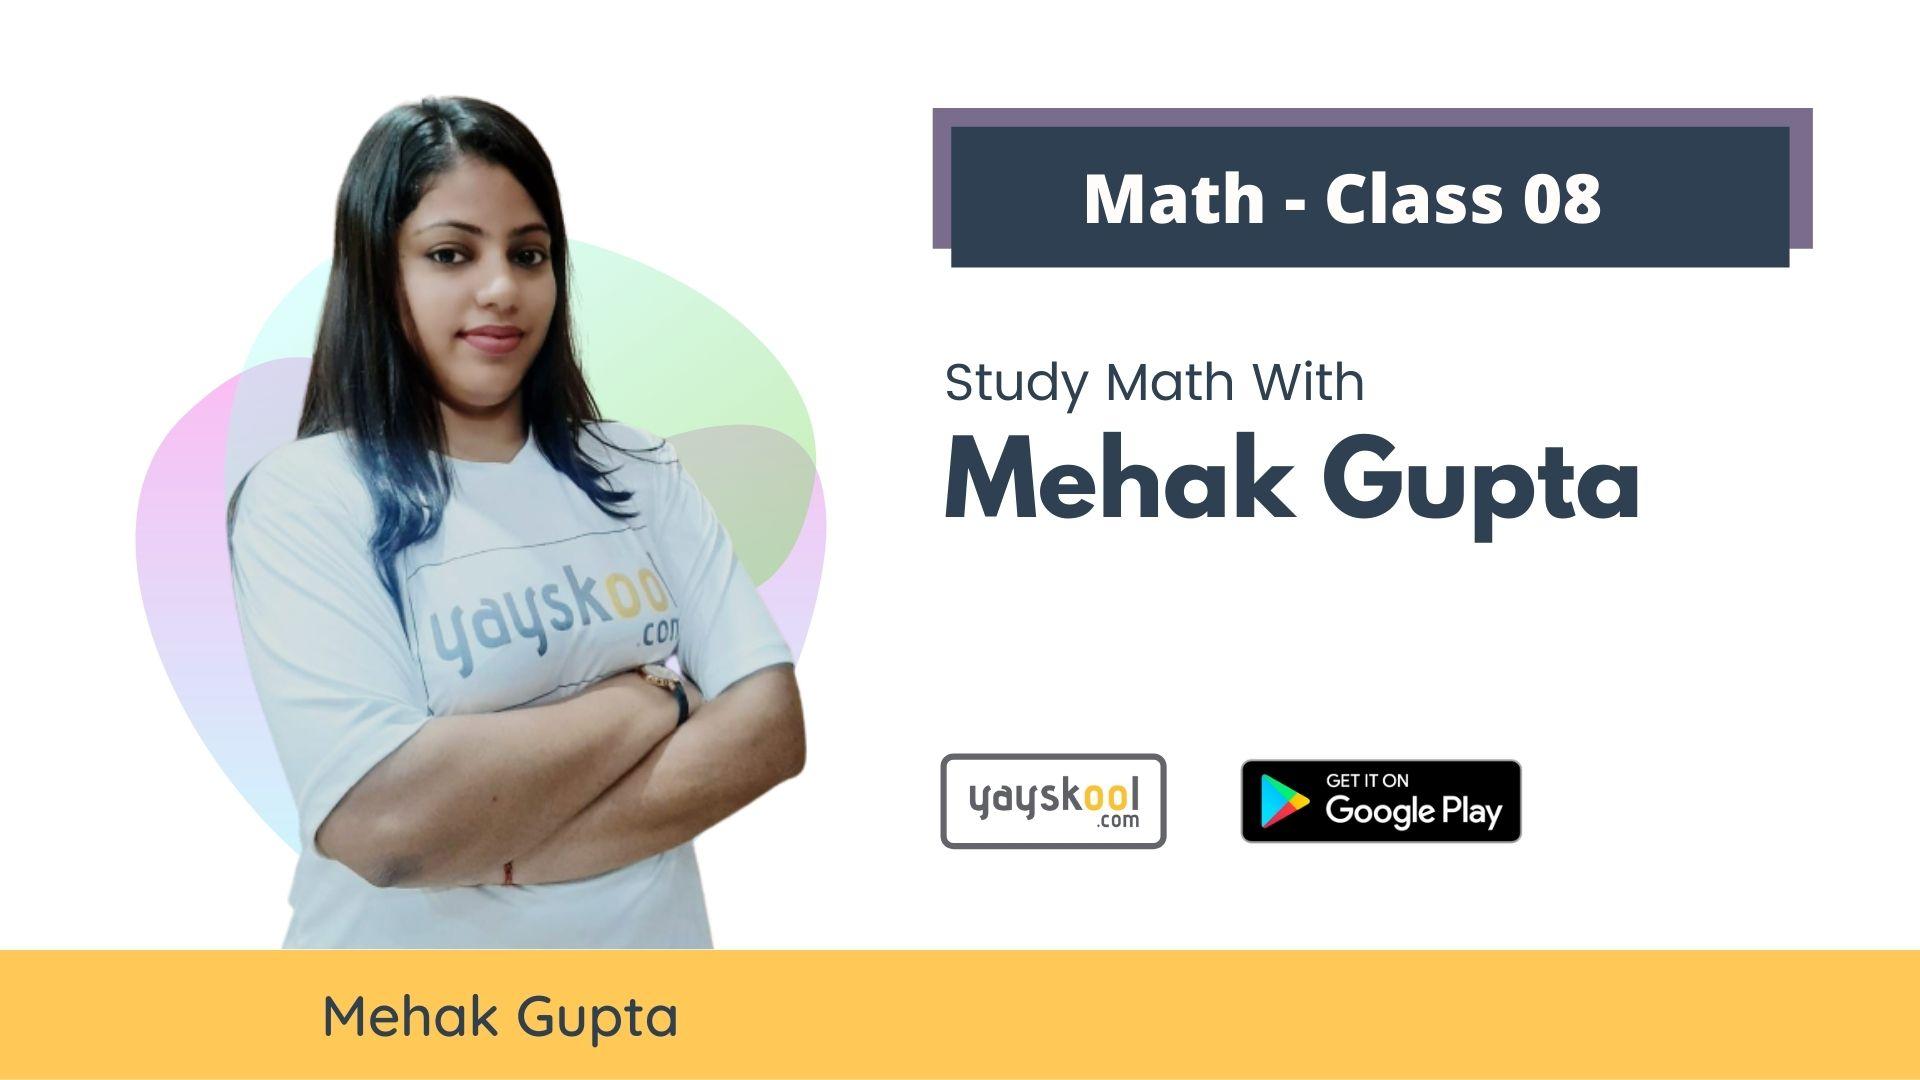 maths-course-class08-mehak-gupta